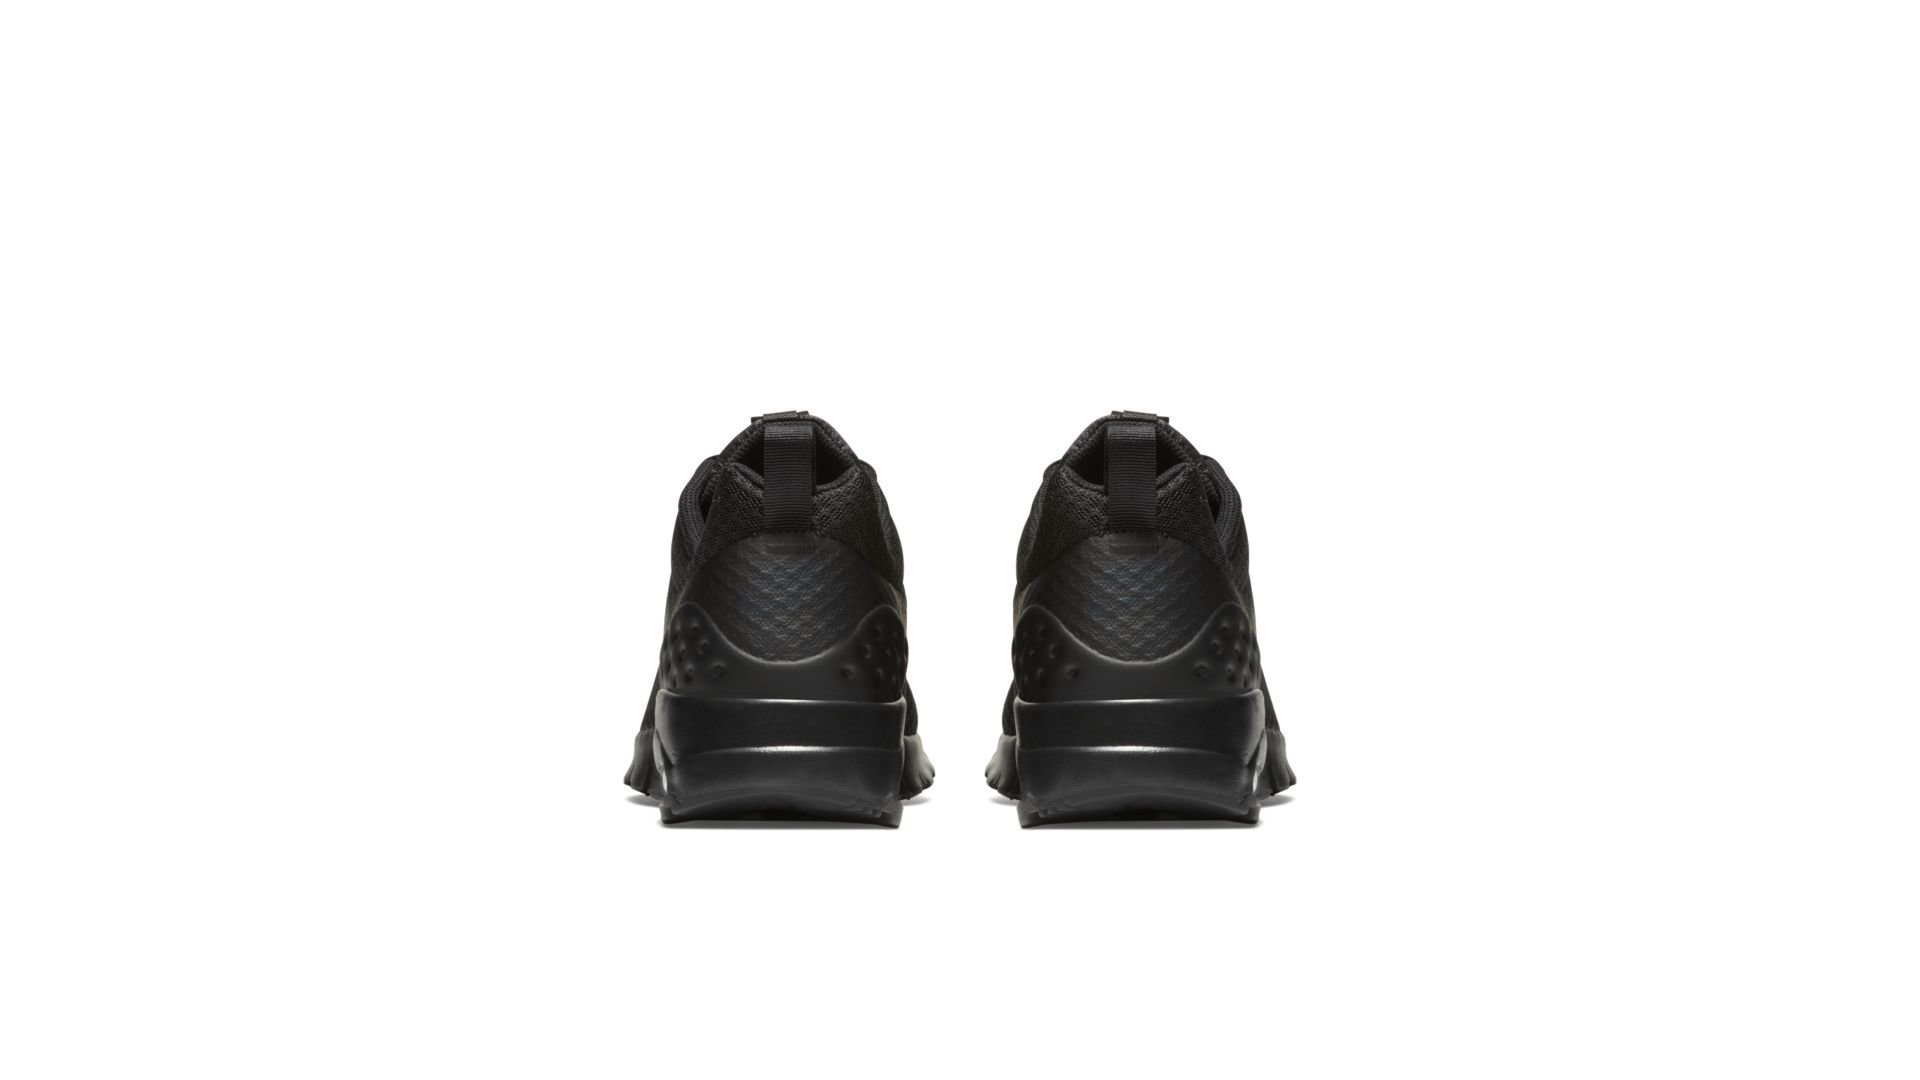 Nike Air Max Motion LW Black (833260 002)